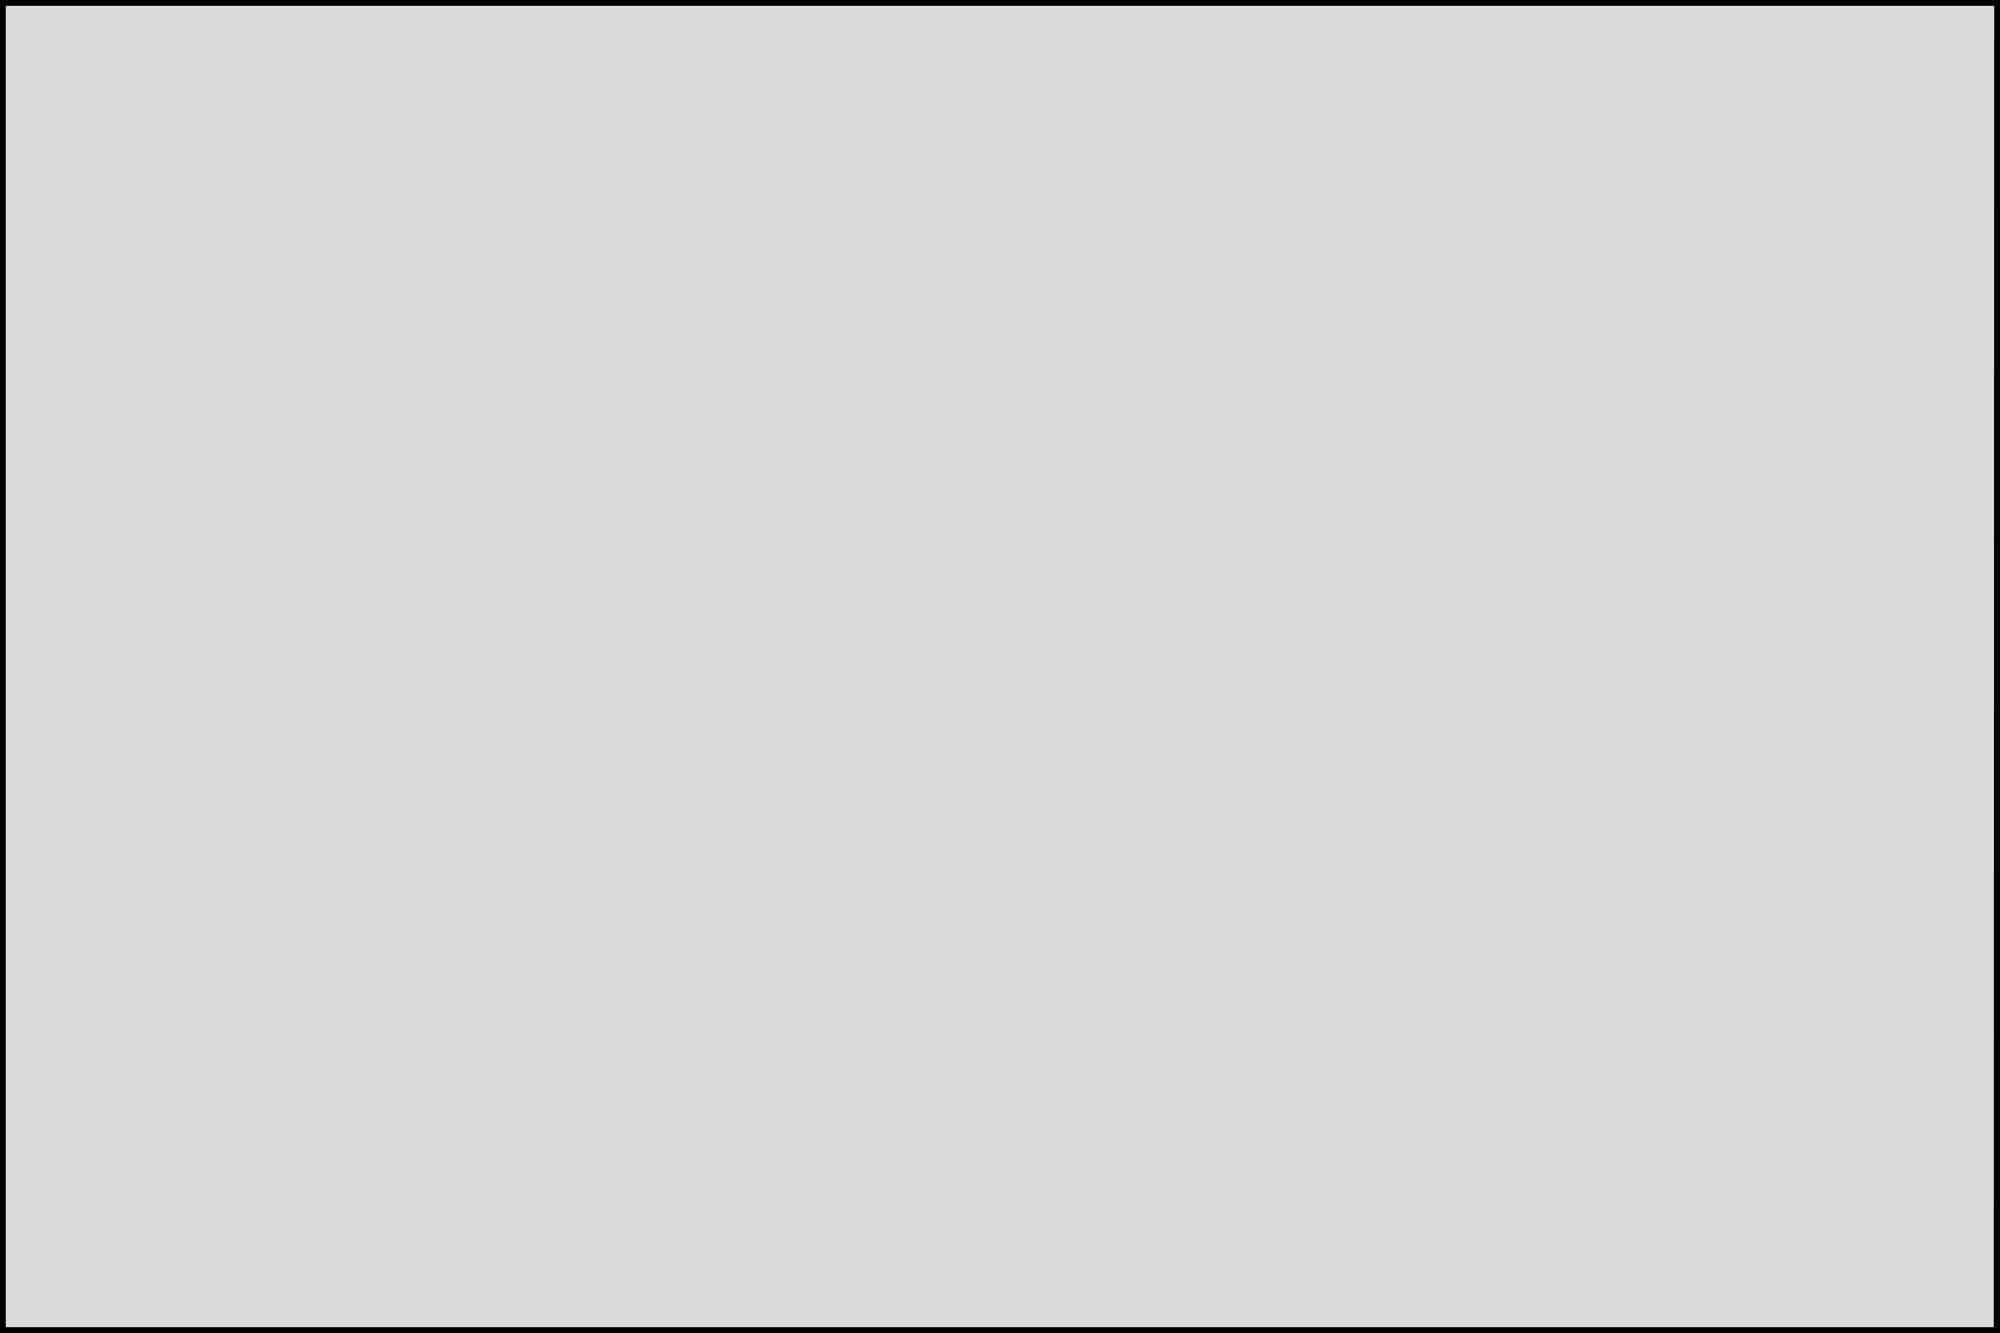 Rectangular PNG